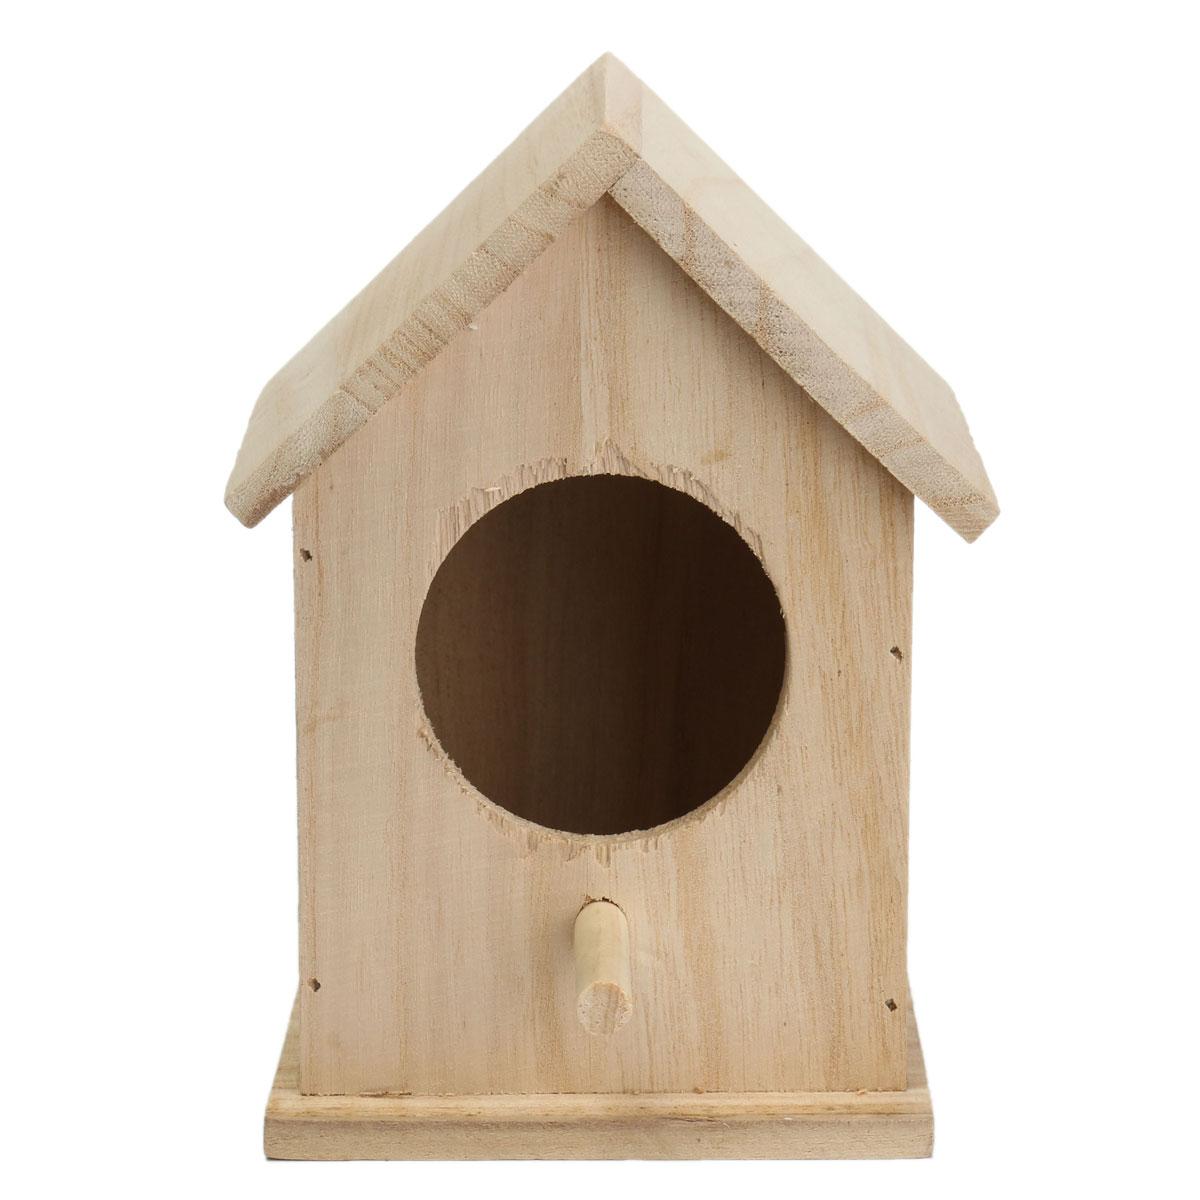 5 85 45 De Reduction Bois Oiseaux Nichoir Nouveau Bricolage Elevage Perroquet Cockatiels Hirondelles Nid Exterieur Toit En Bois Oiseau Maison